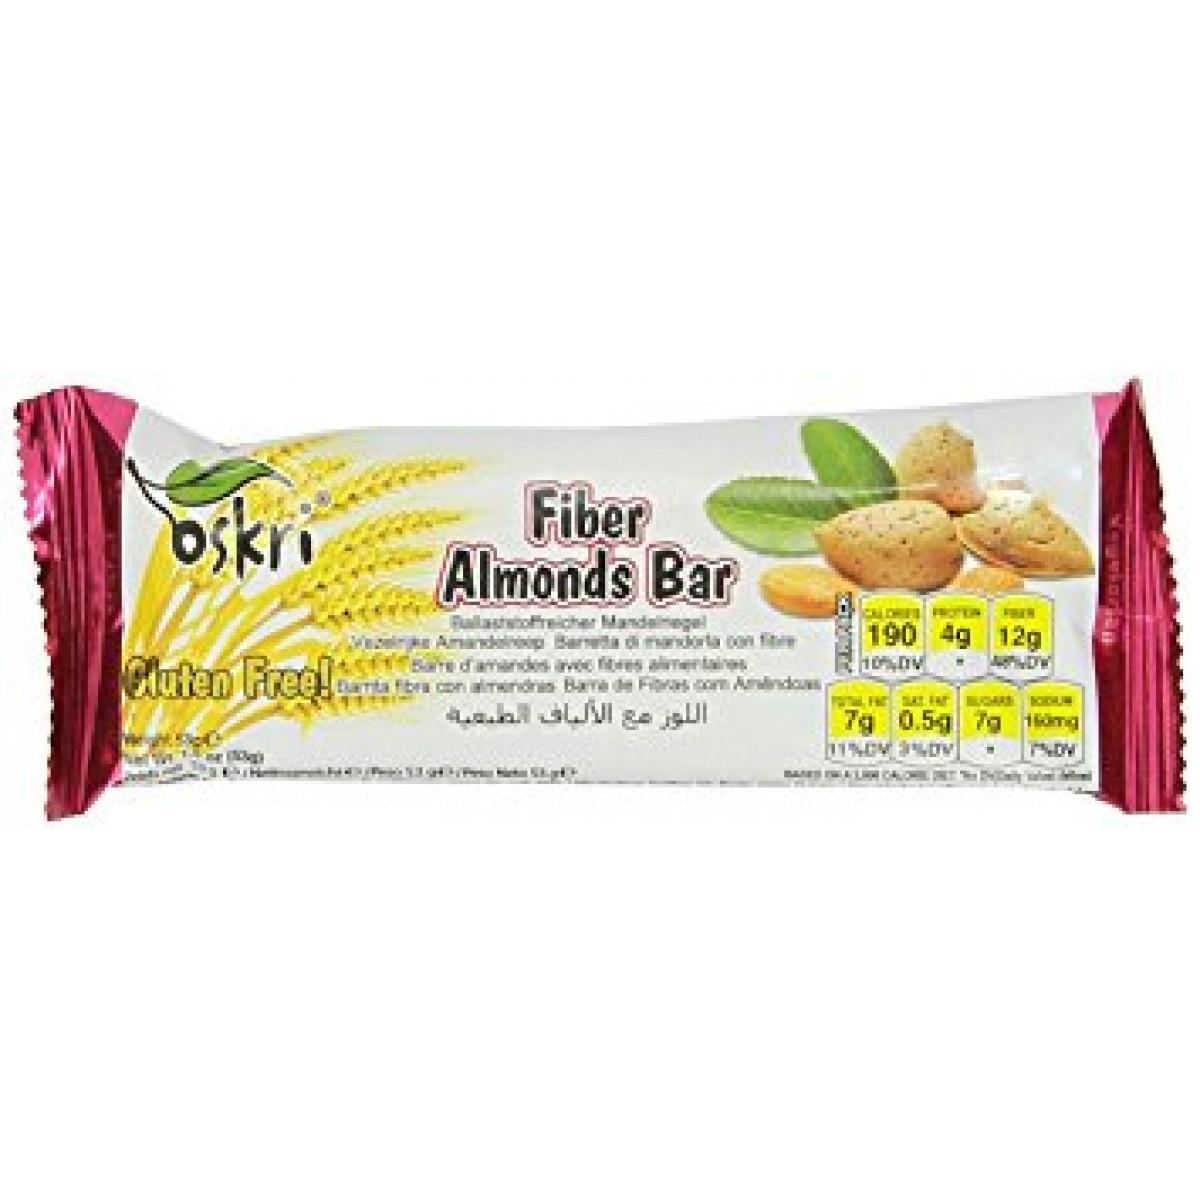 Fiber Almonds Bar